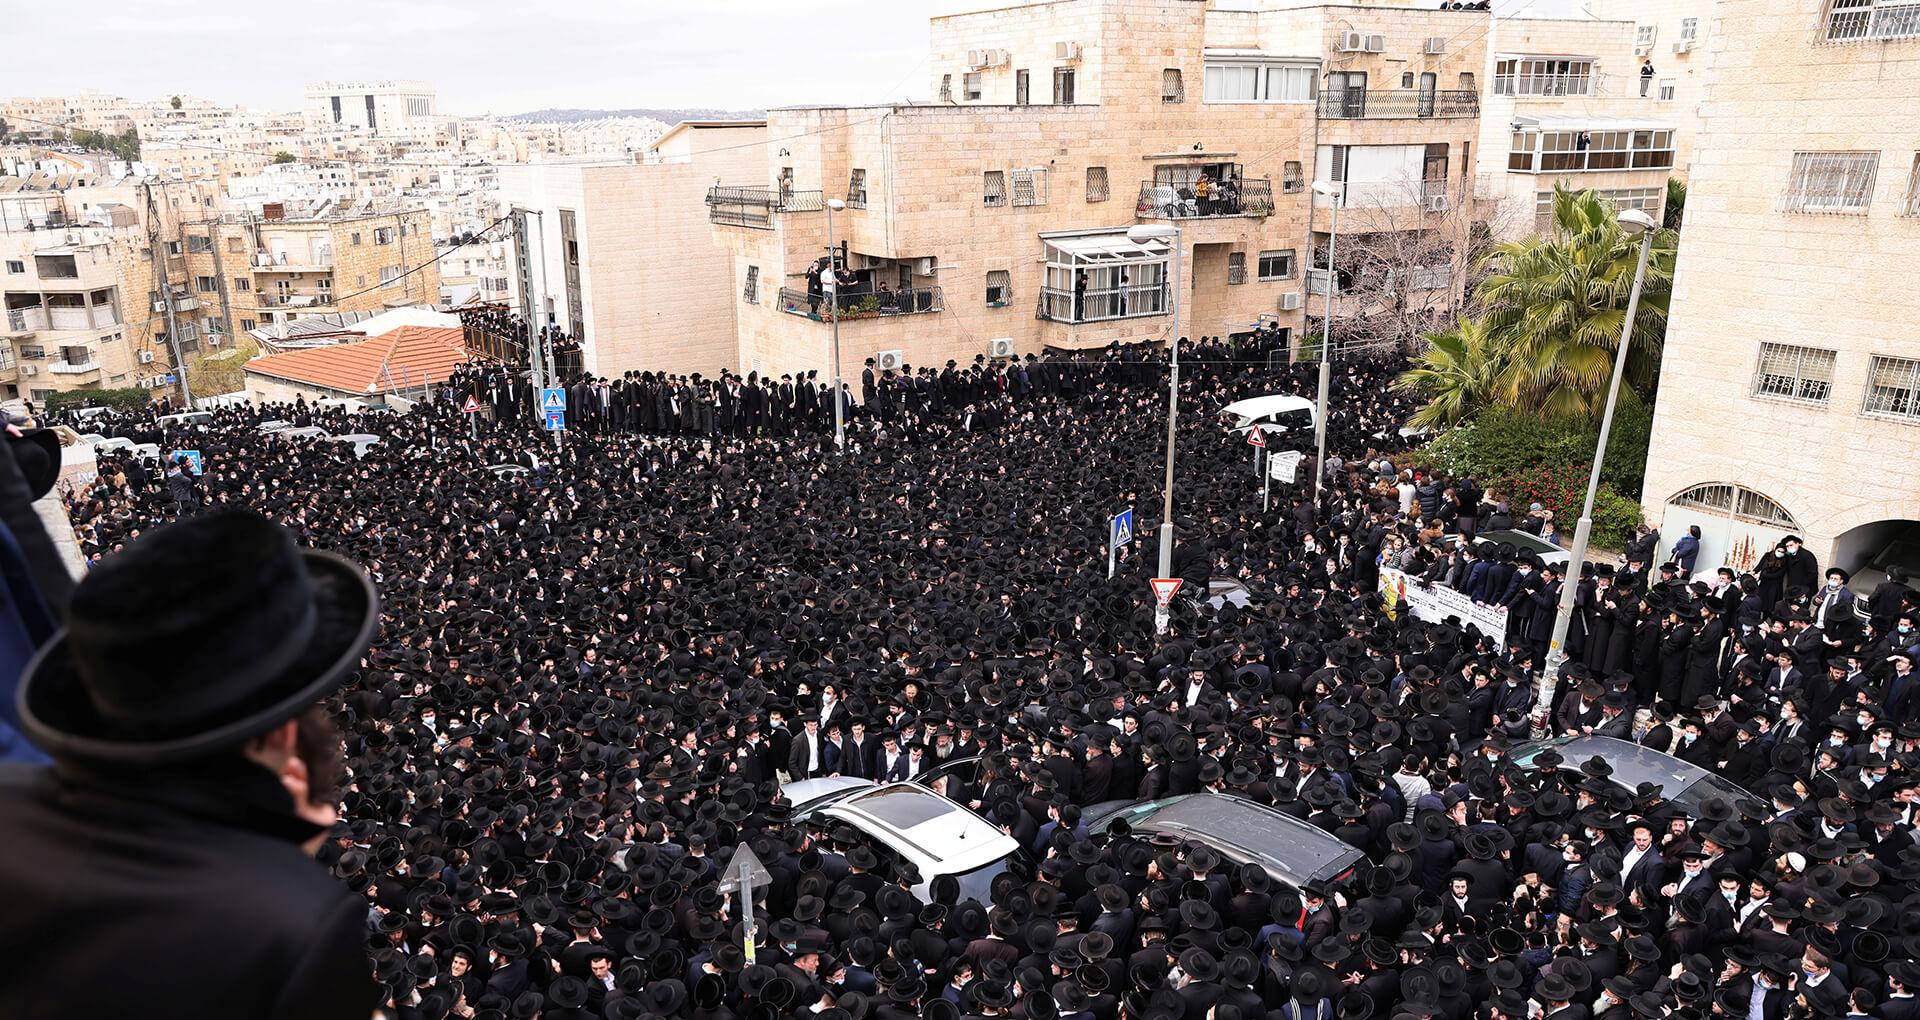 ההנהגה החרדית העדיפה להחזיר אש. אחת ההלוויות ההמוניות בירושלים (צילום: רויטרס)